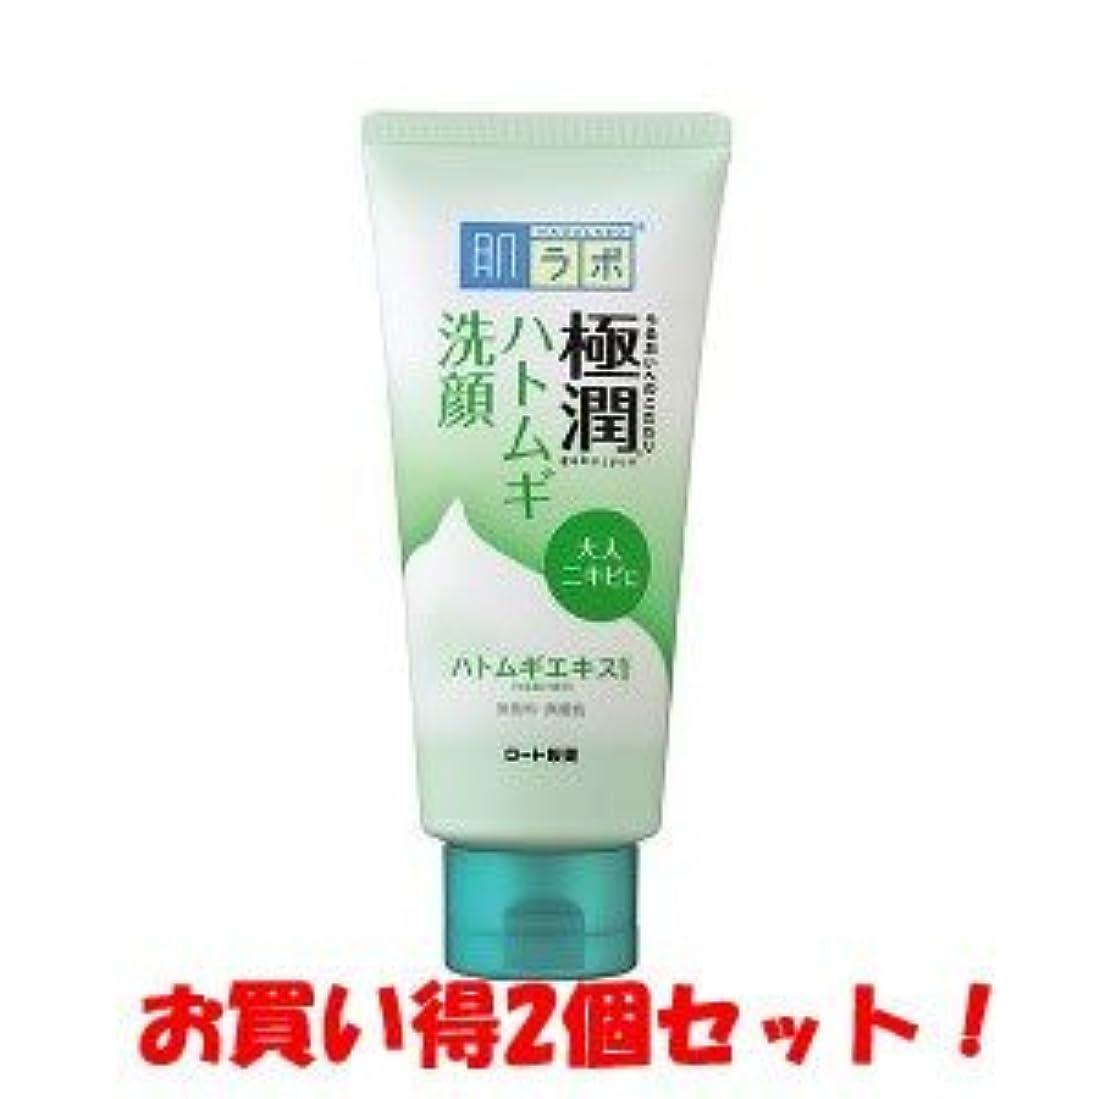 退化する時代一般的に言えば(ロート製薬)肌研 極潤 ハトムギ洗顔フォーム 110g(お買い得2個セット)